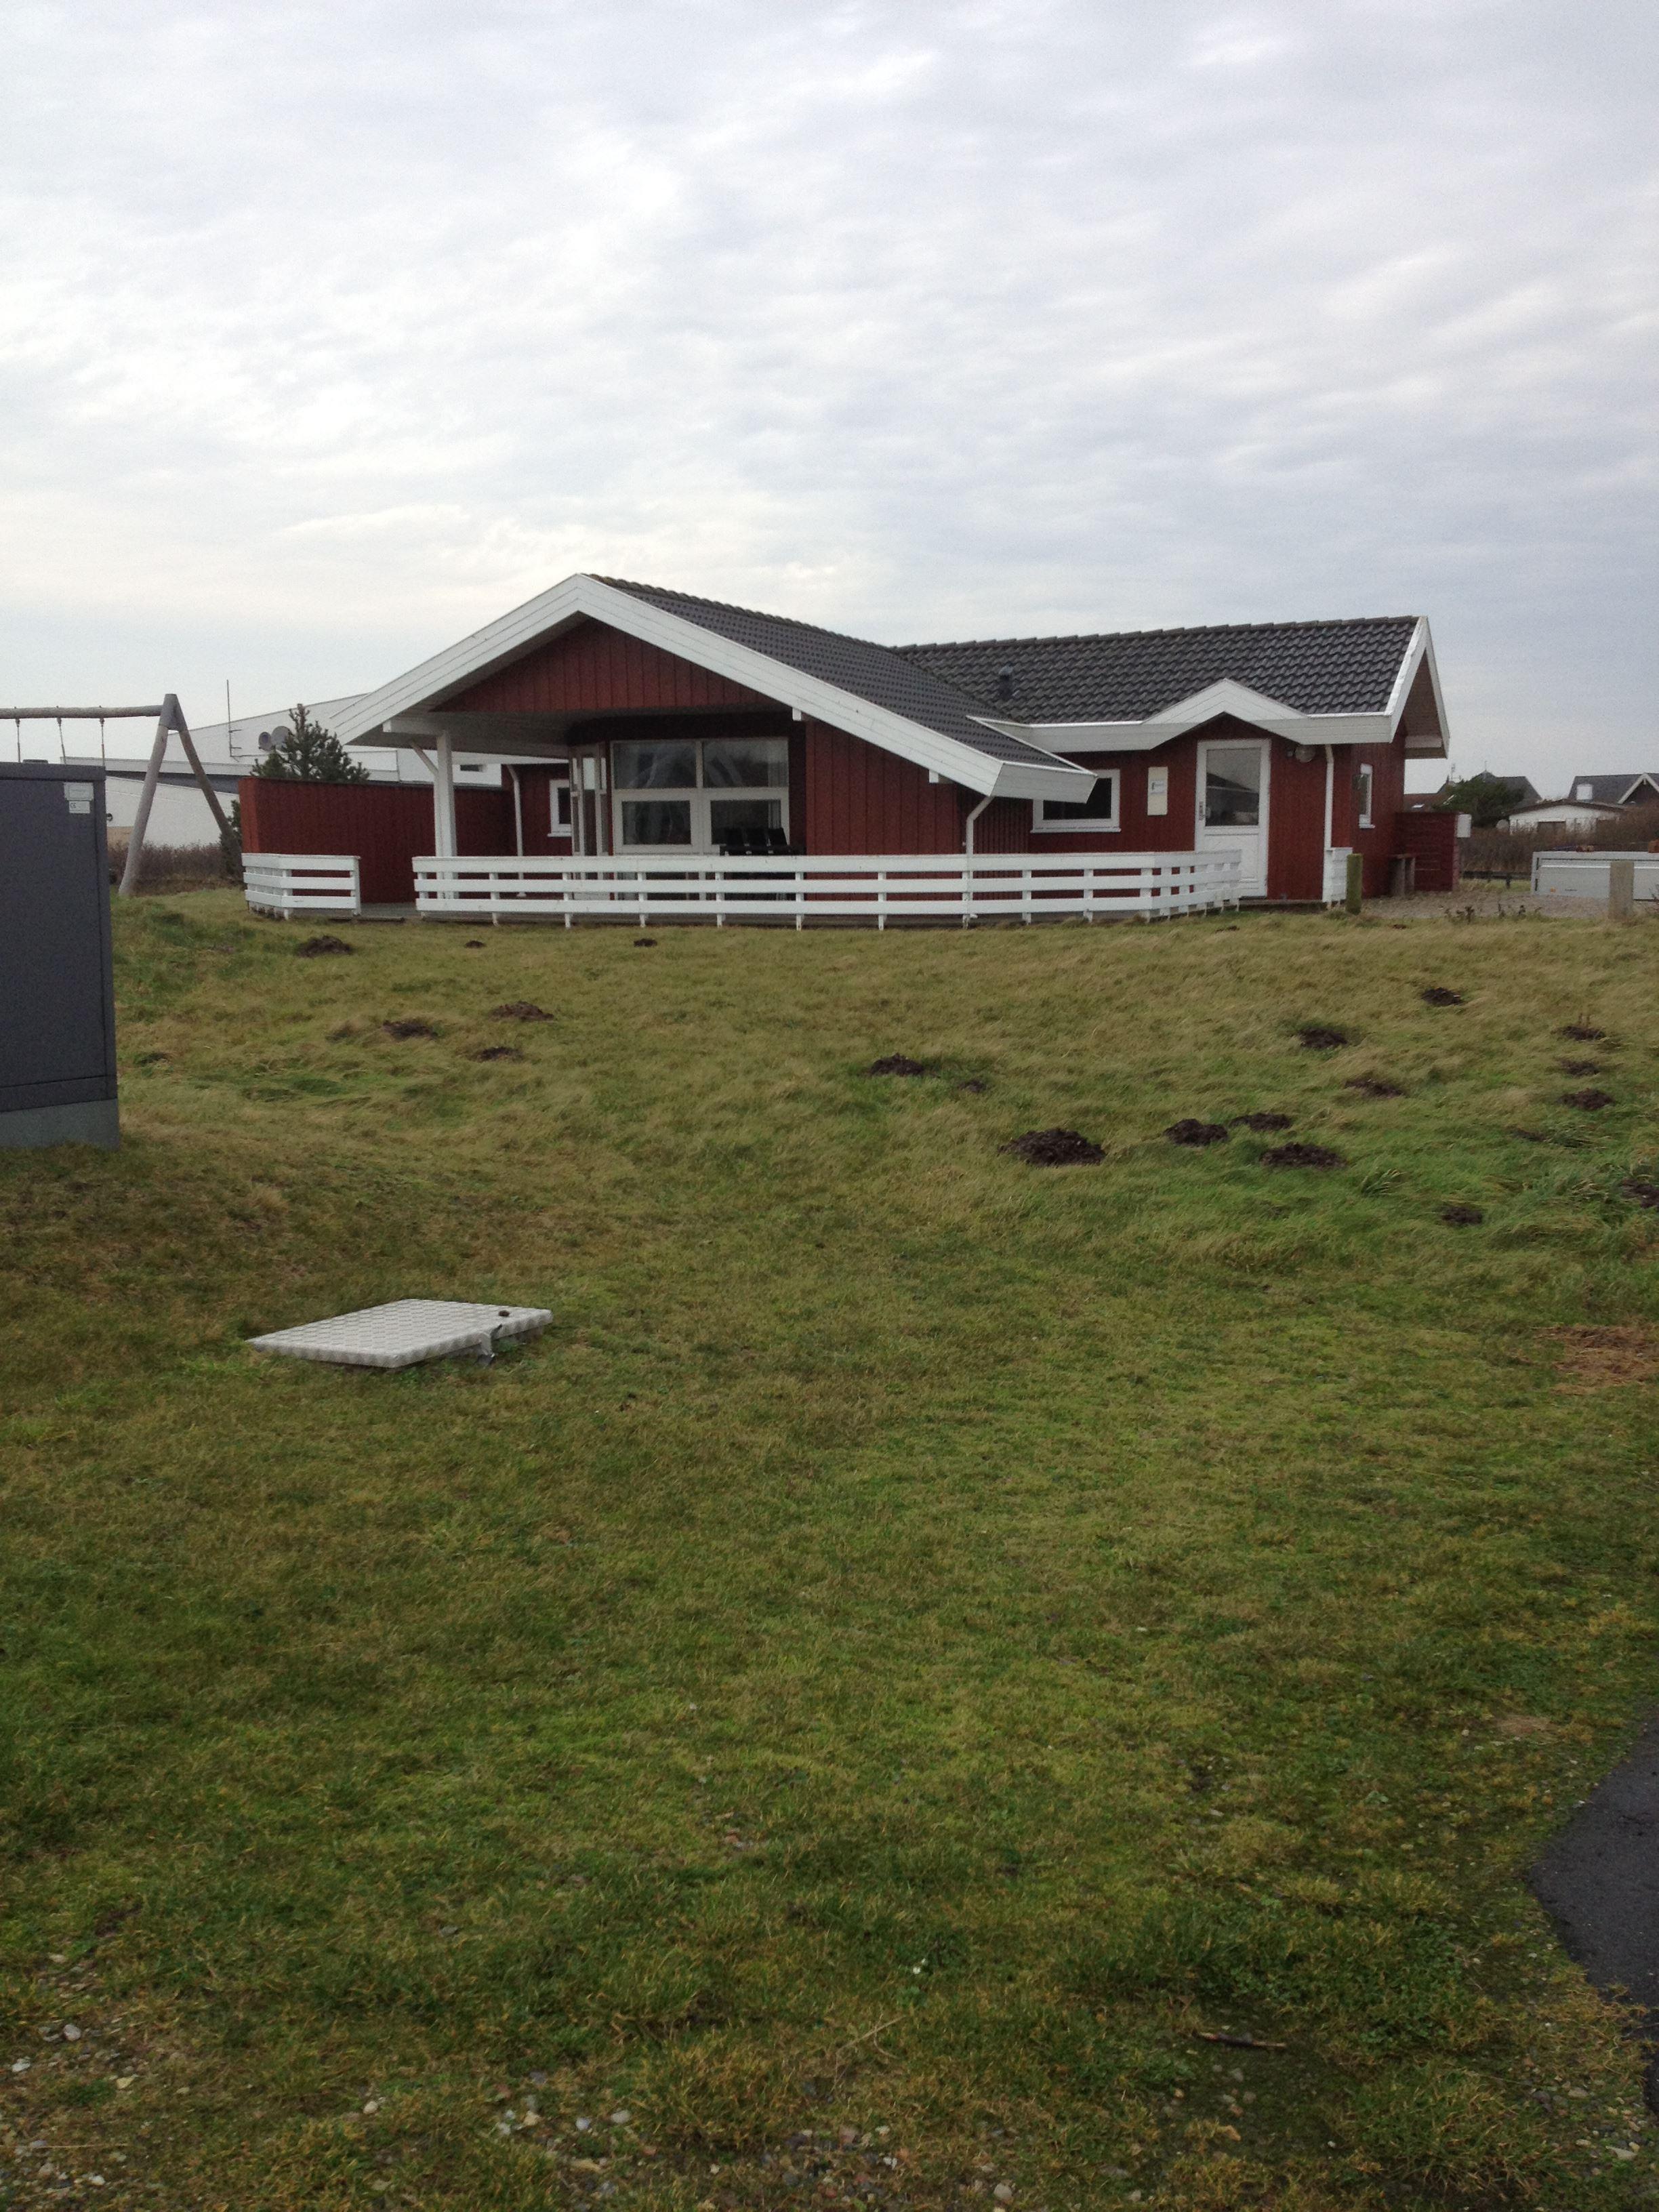 Lakolk 178, Lakolk, 6792 Rømø